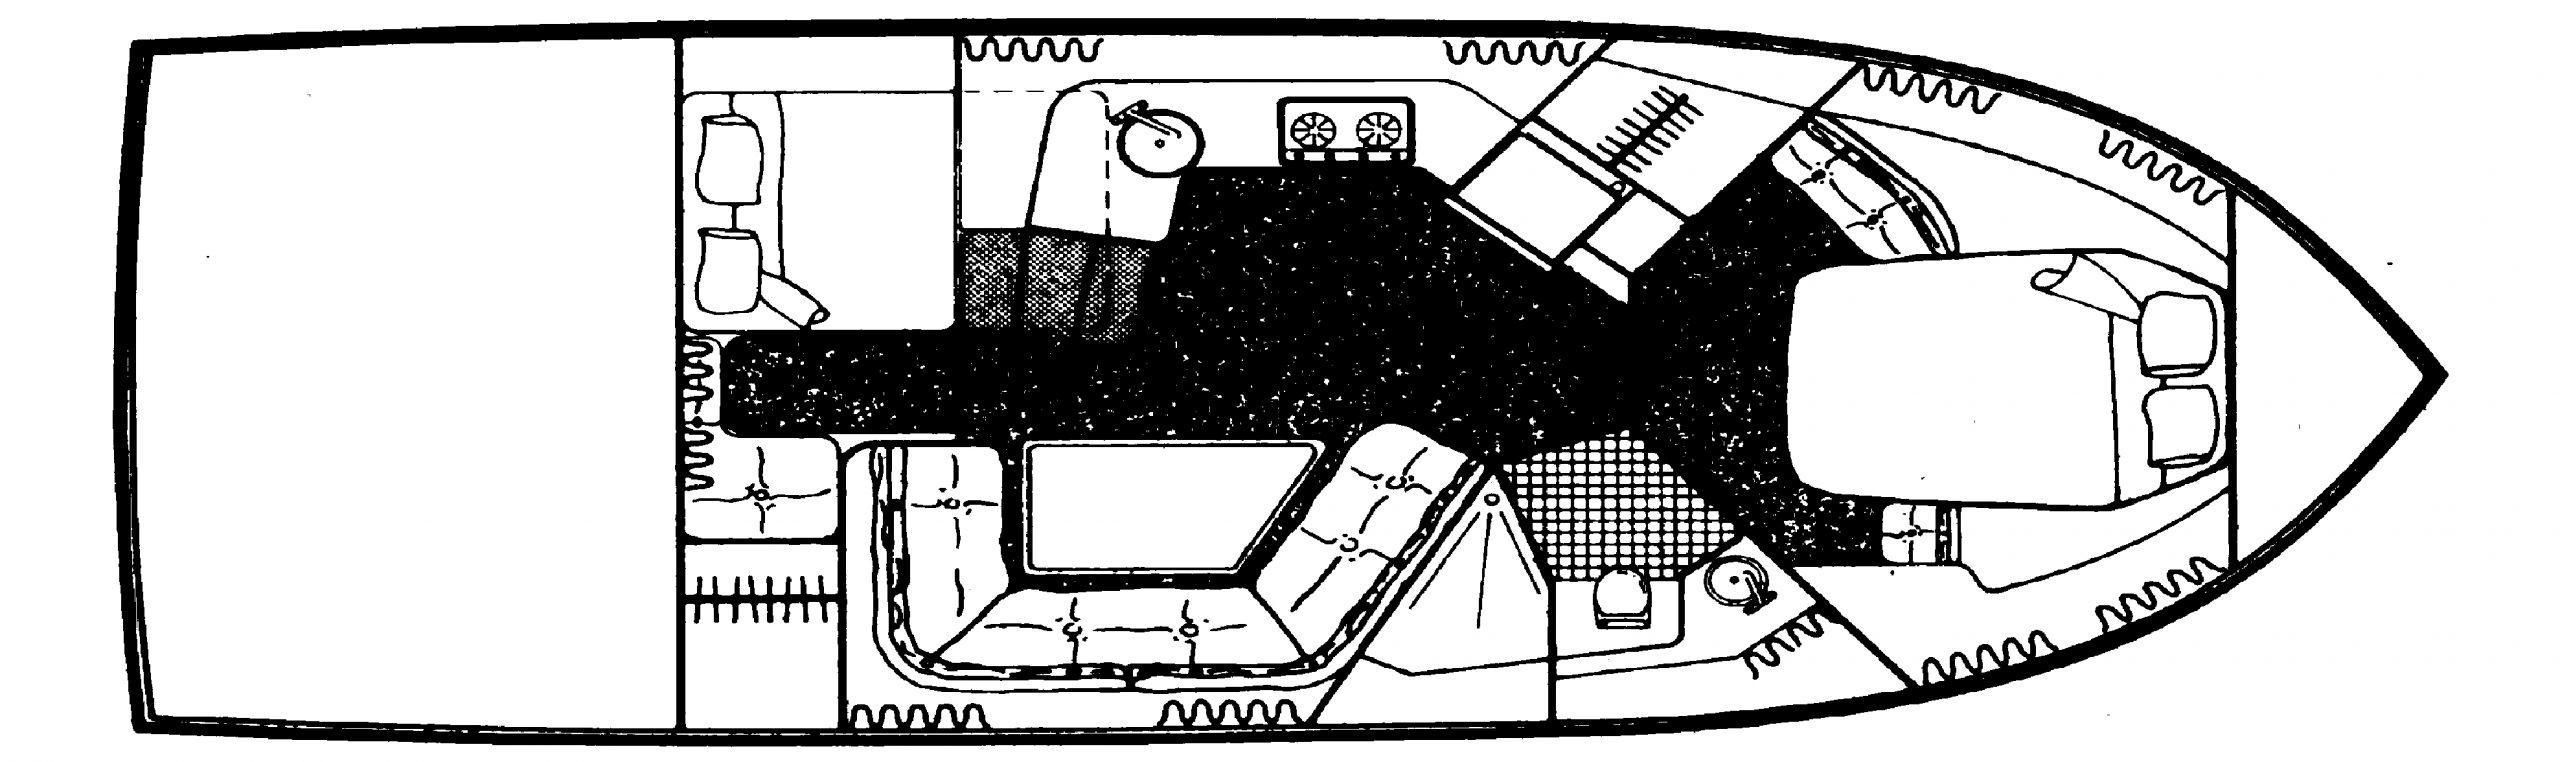 Carver 3557 Montego; 538 Montego; 380 Express Floor Plan 2